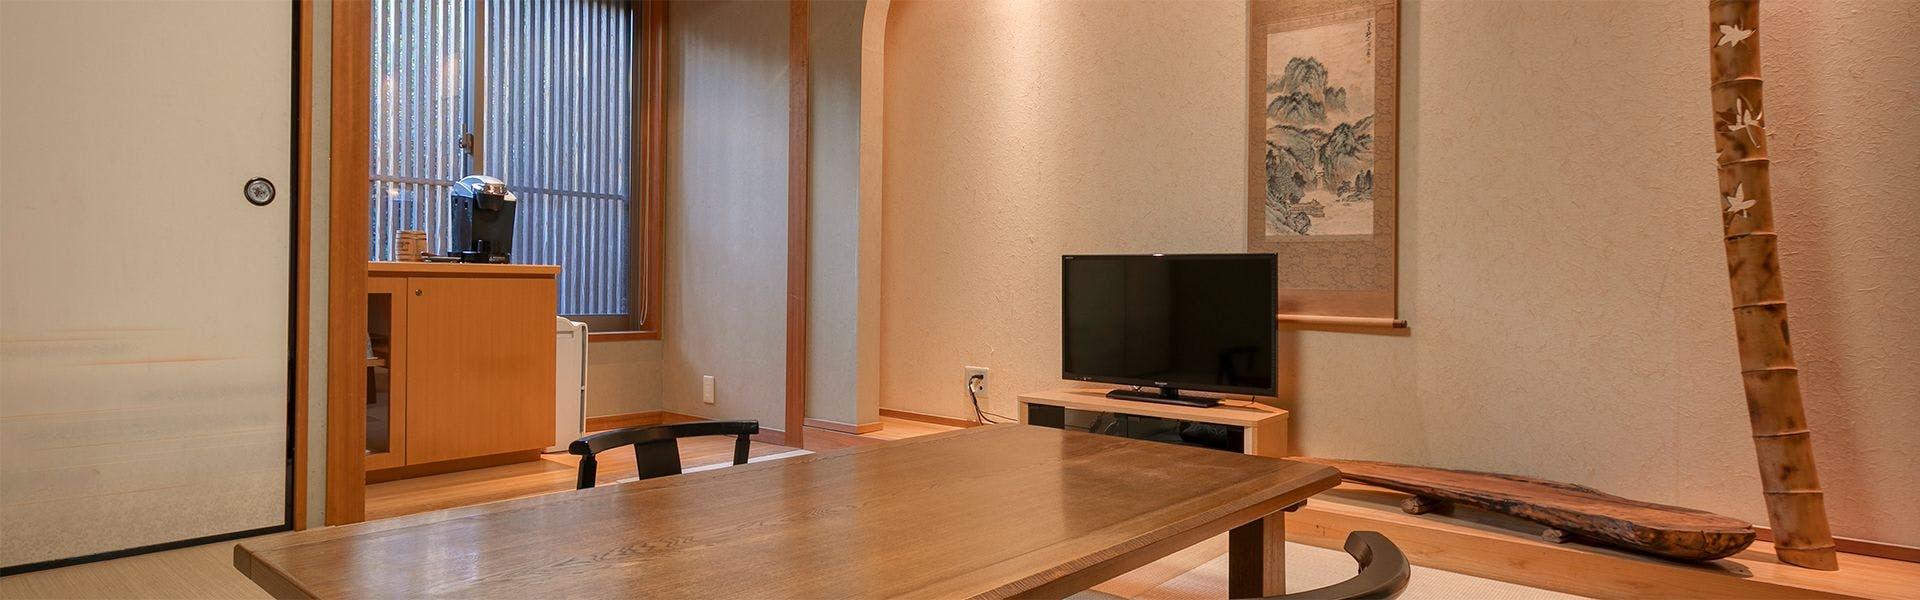 記念日におすすめのホテル・【南阿蘇温泉郷 別邸 蘇庵】の写真3